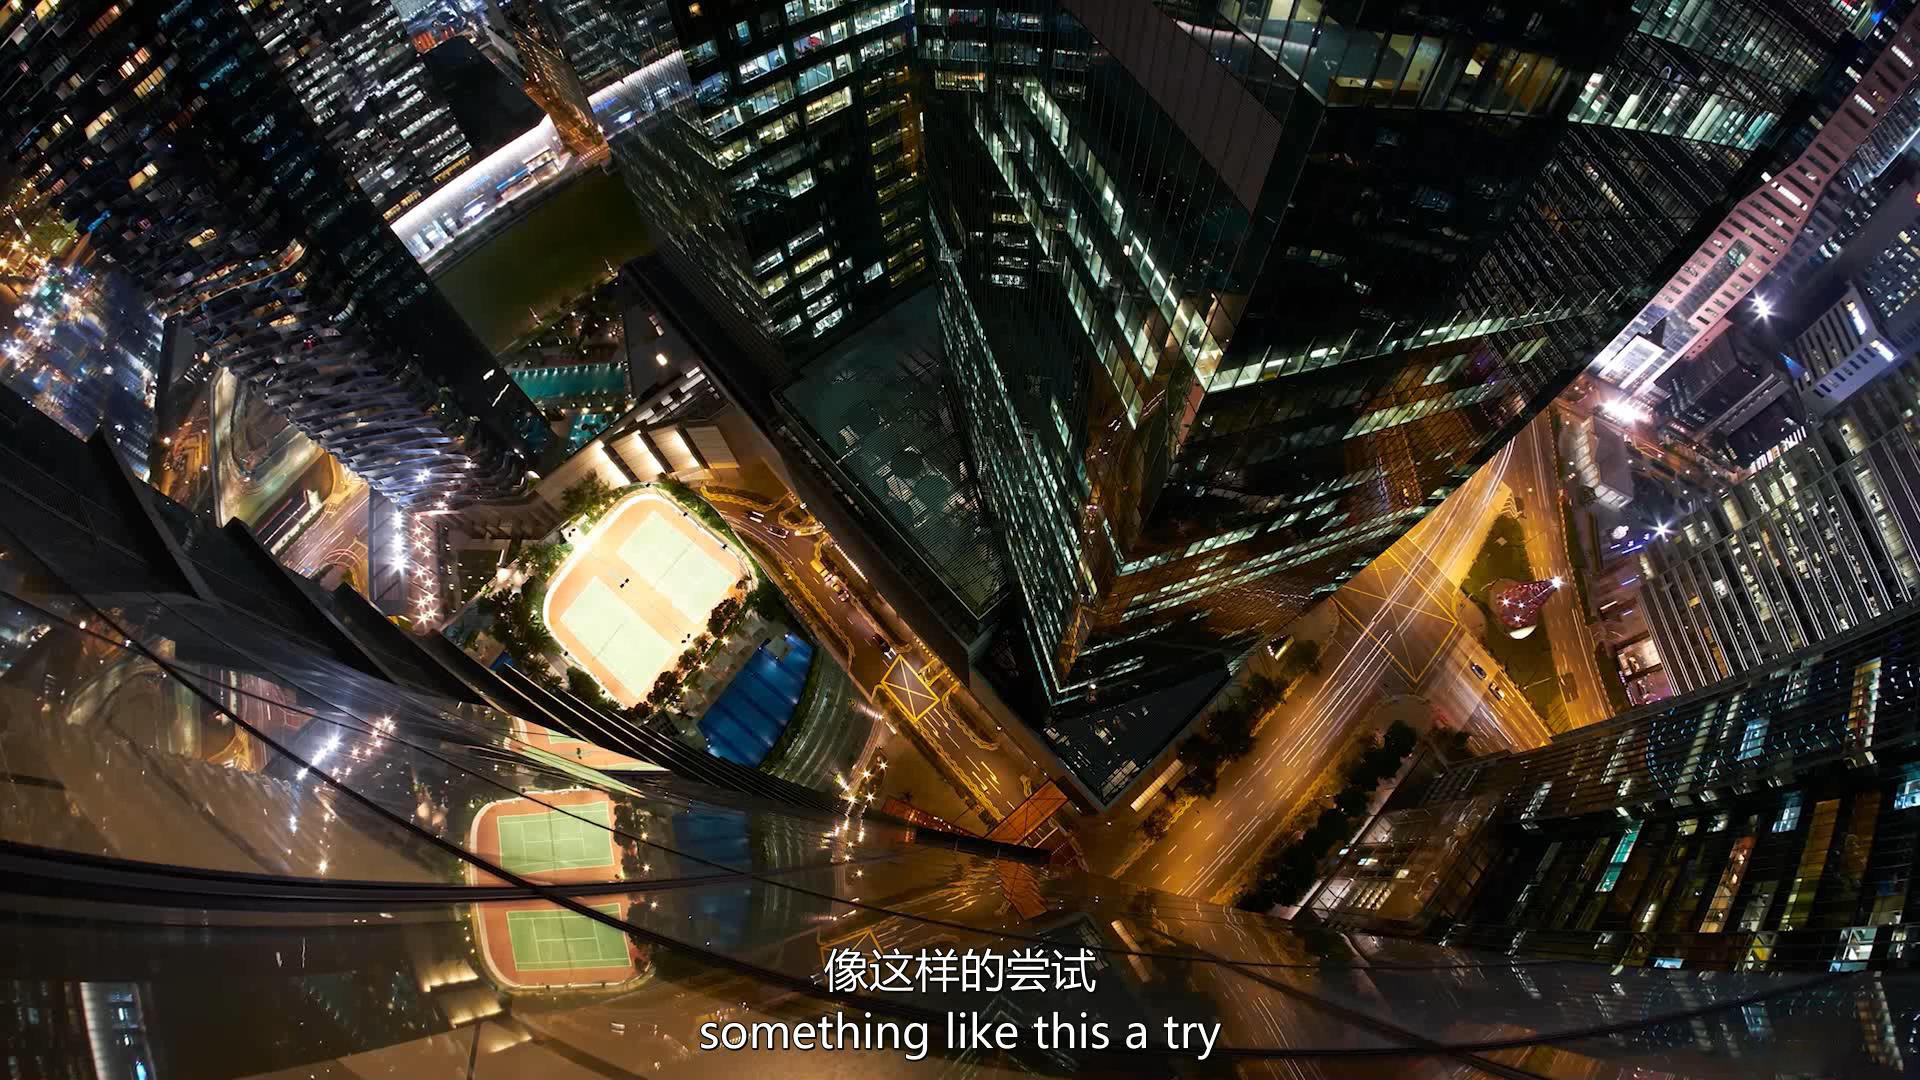 摄影教程_Fstoppers-Elia Locardi世界城市景观星轨风光摄影及后期-中英字幕 摄影教程 _预览图37